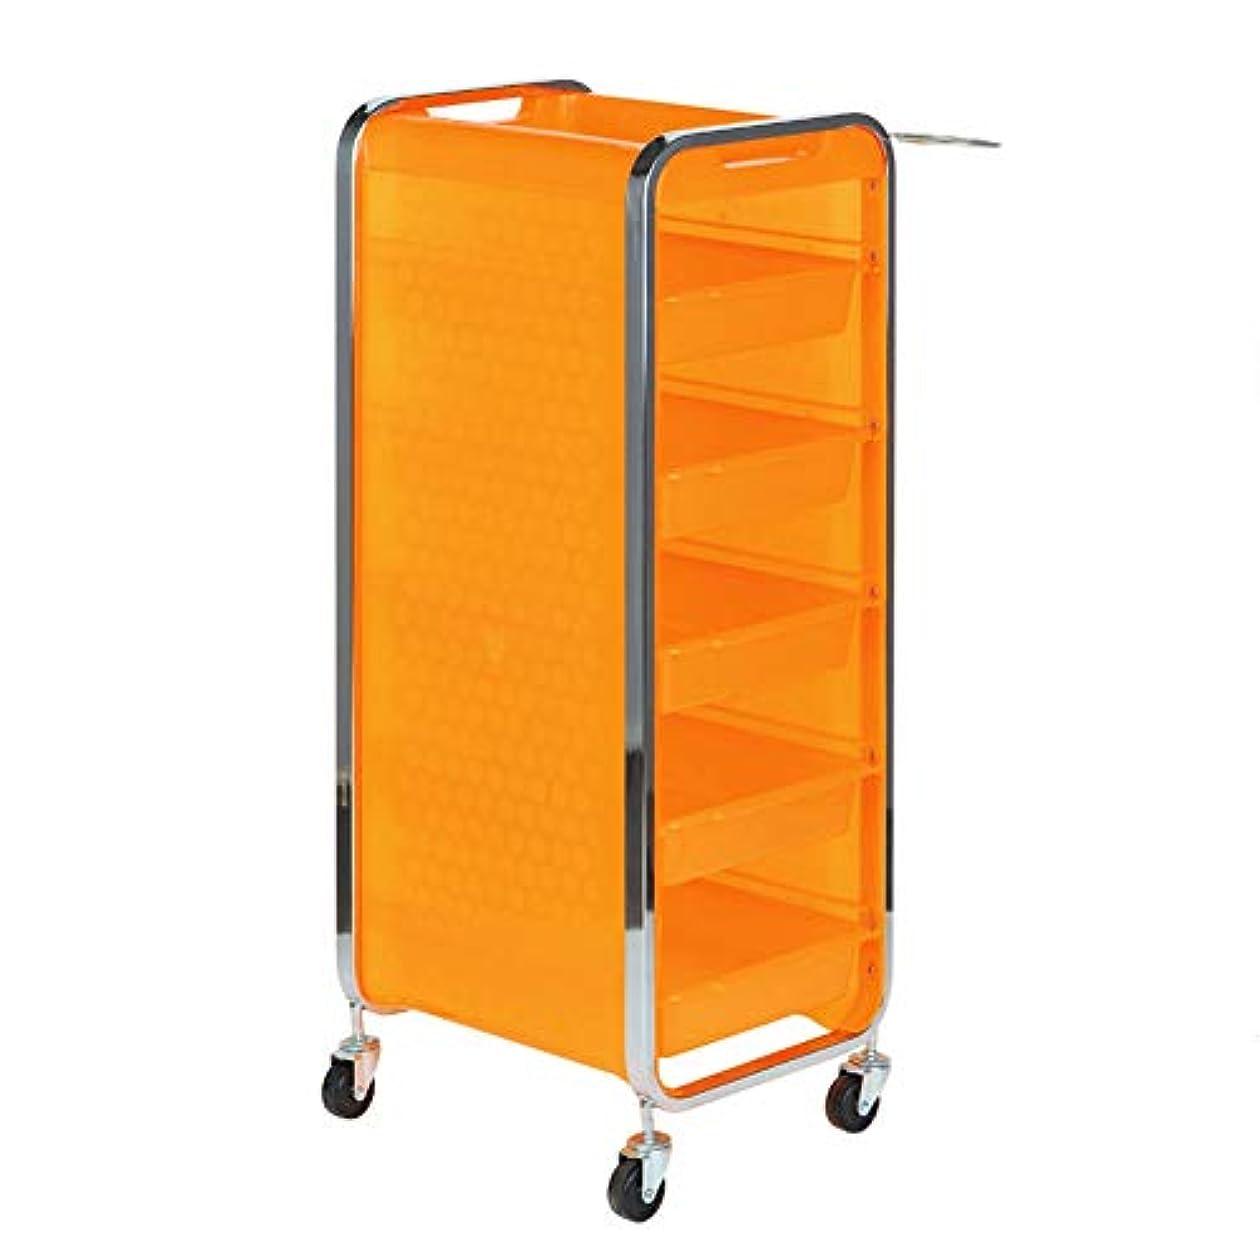 独立正しくクロニクルサロン美容院トロリー美容美容収納カート6層トレイ多機能引き出し虹色,Orange,A